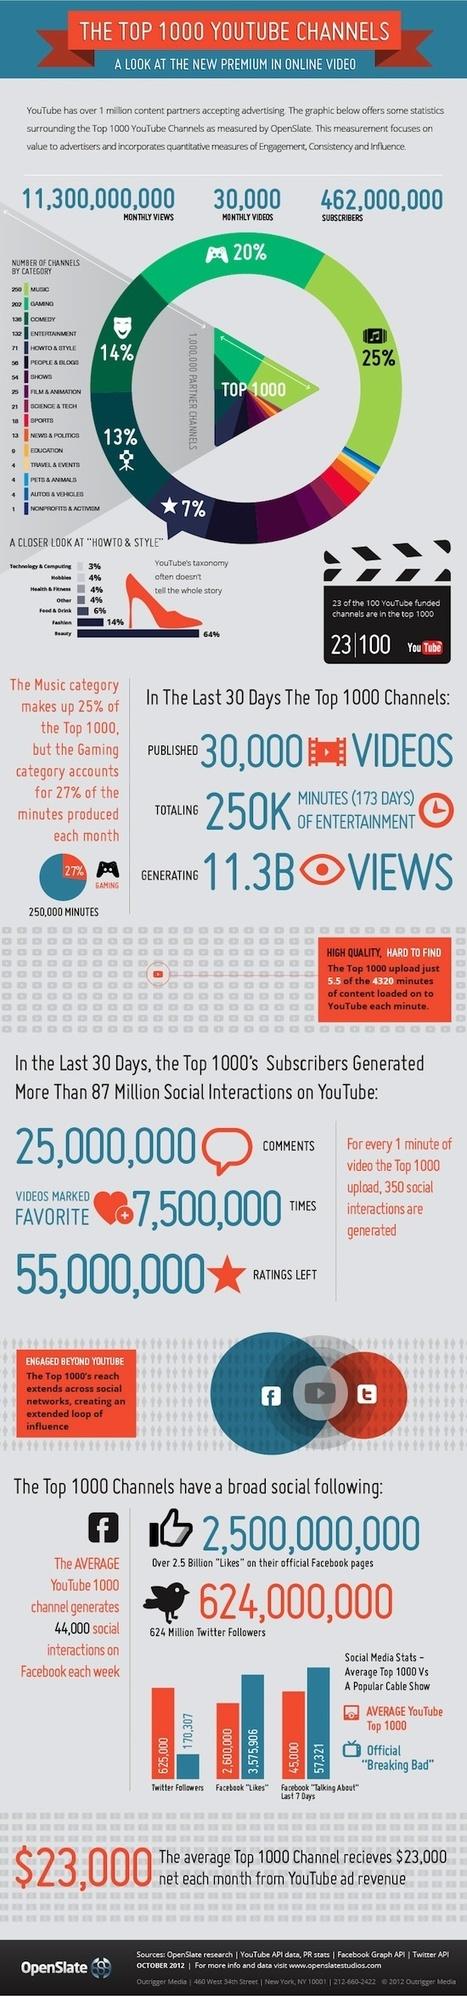 Les 1 000 premières chaines YouTube | Communication digitale : réseaux sociaux et Web 2.0 | Communication Romande | Scoop.it